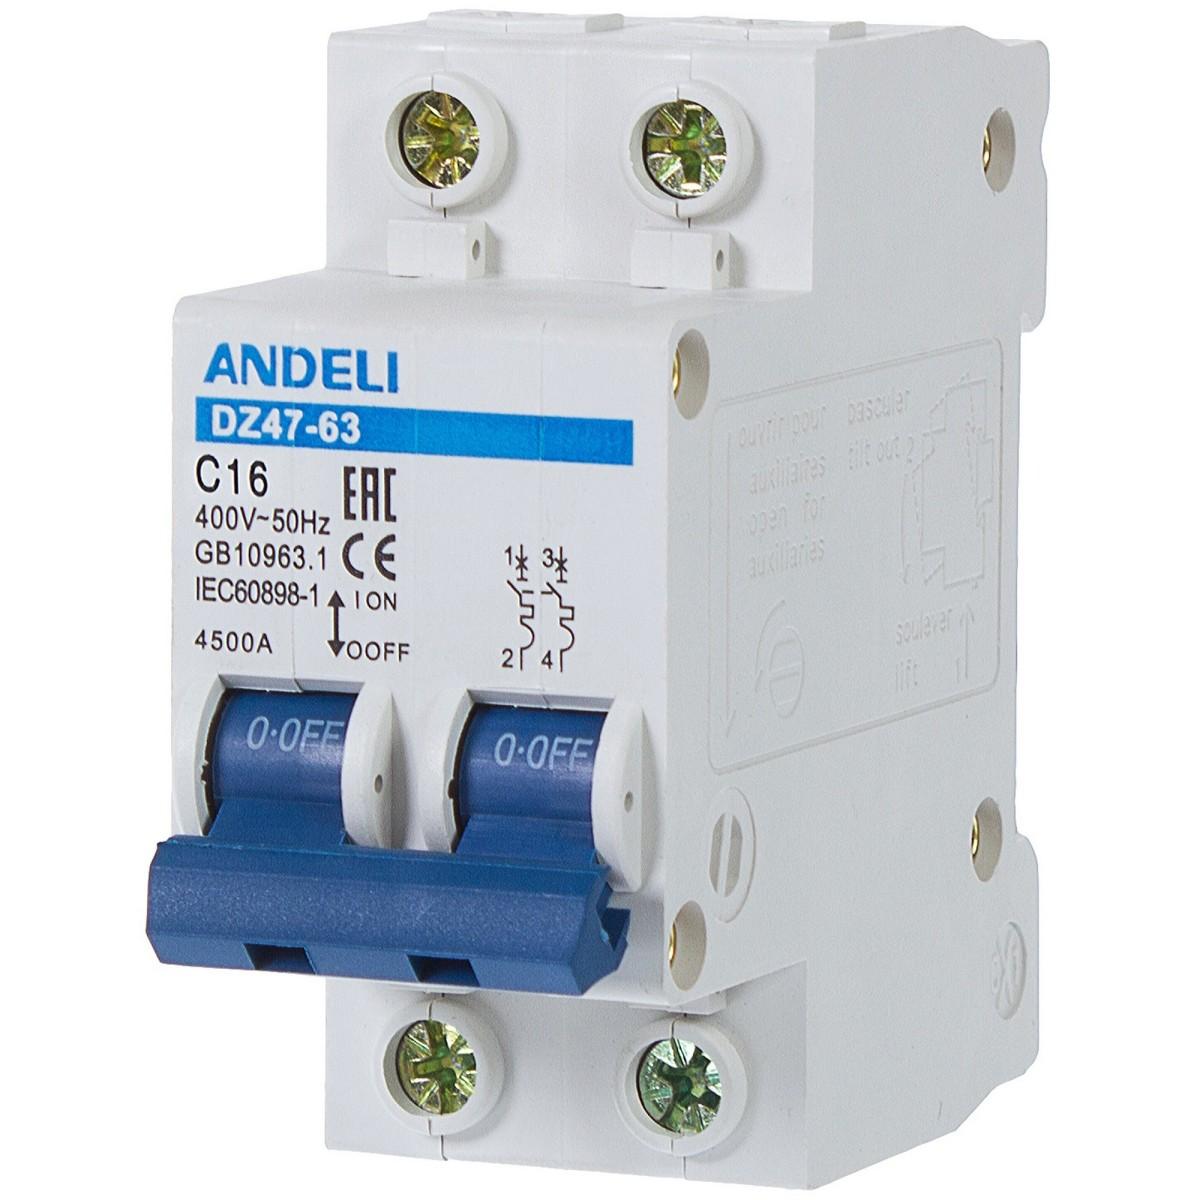 Выключатель автоматический Andeli DZ47-63 2 полюса 16 А 4.5 кА характеристика C